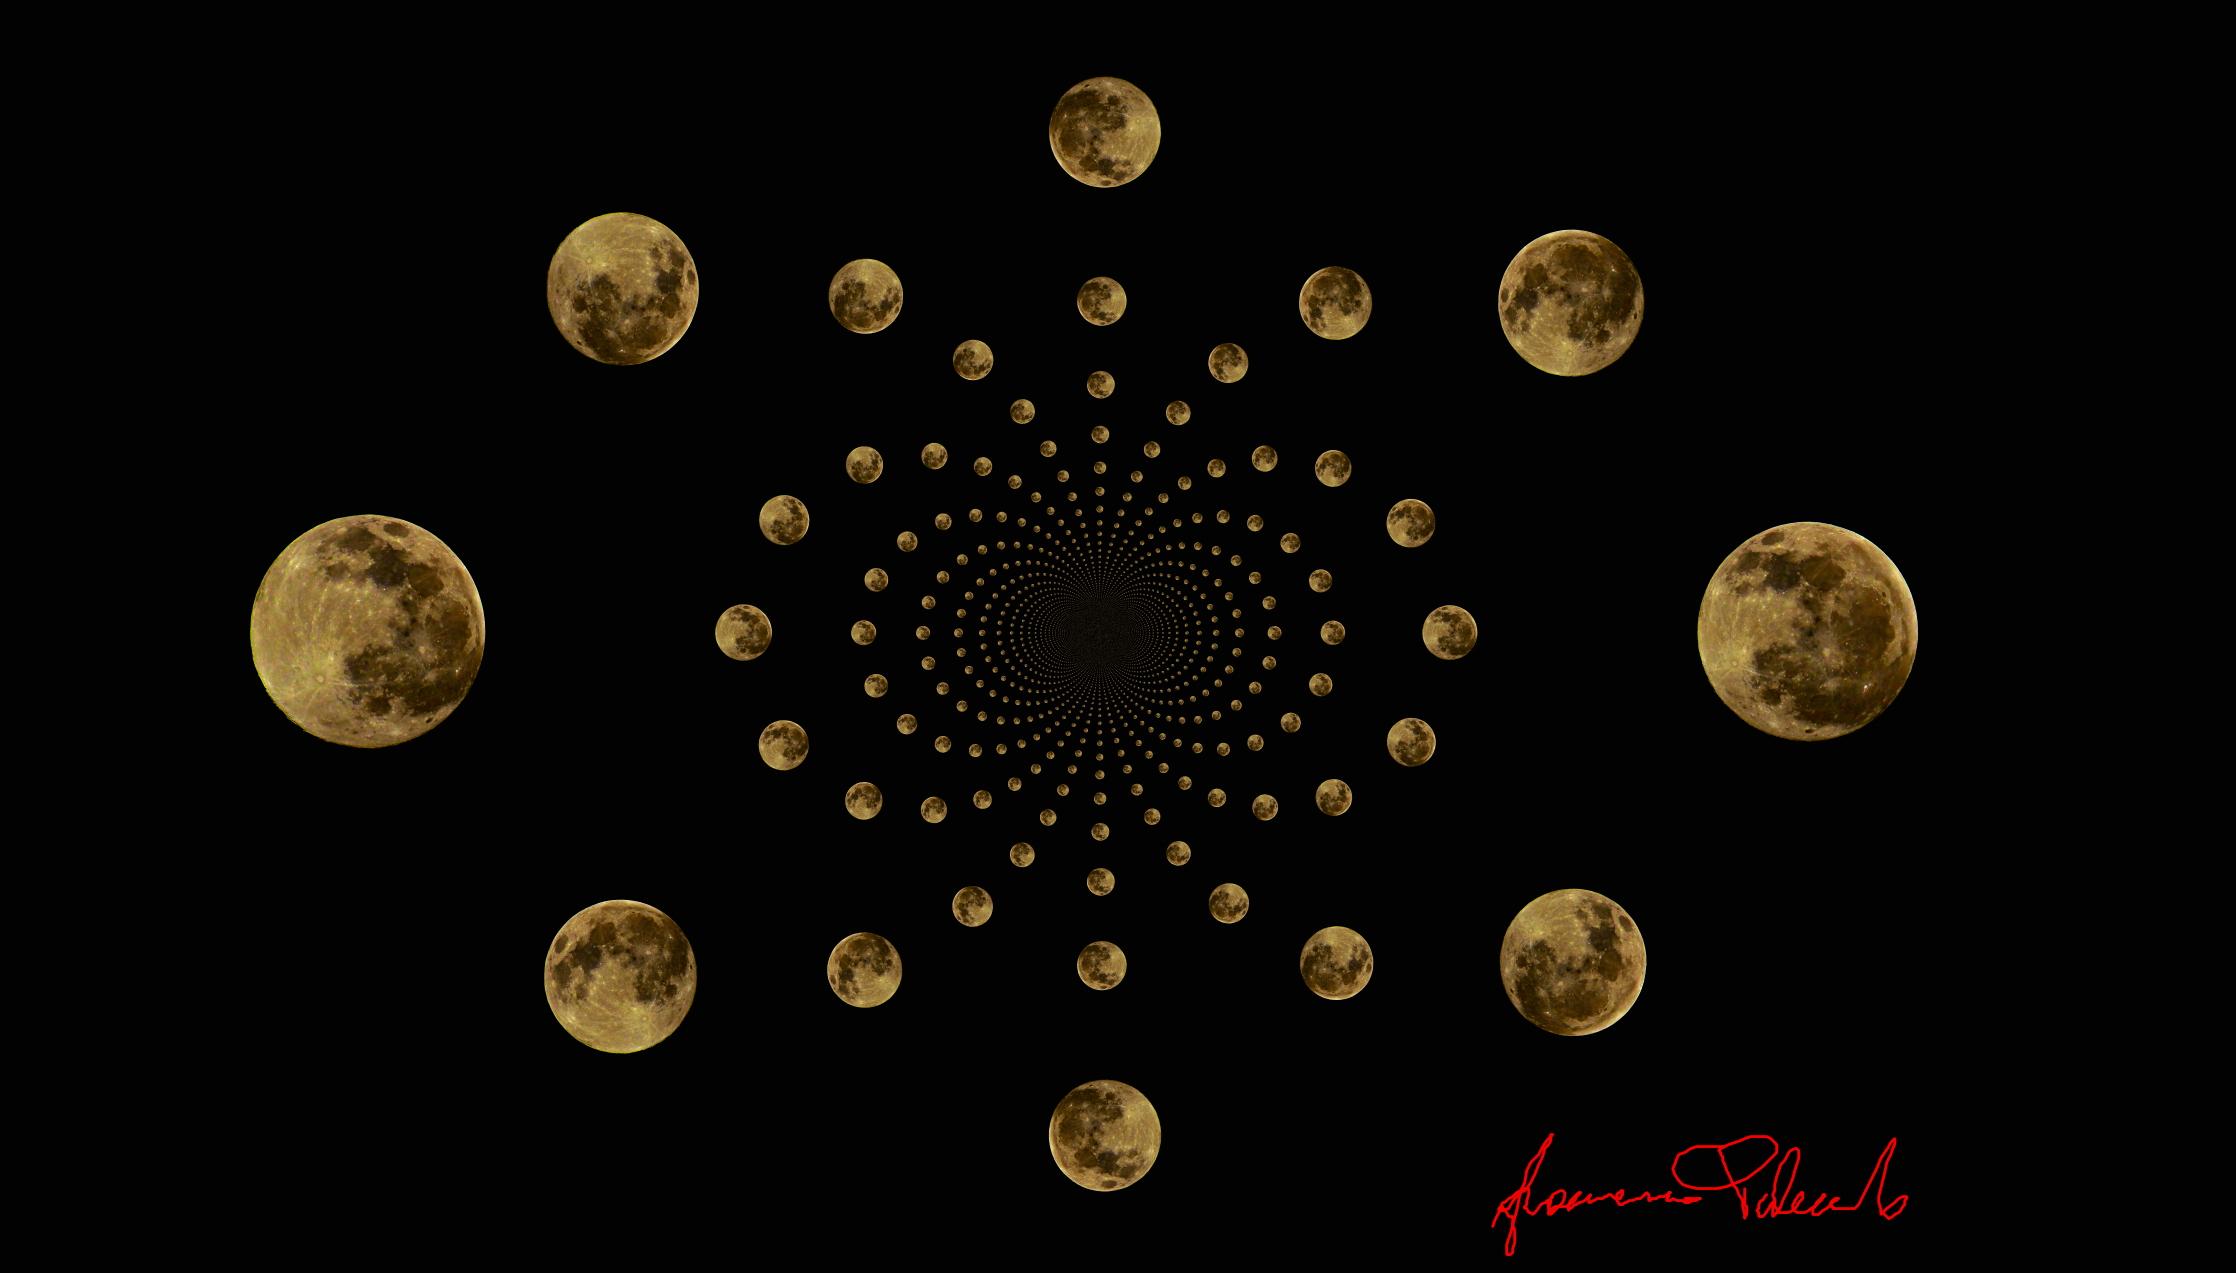 Plenilunio_08.02.2020 (multi-specular image)...